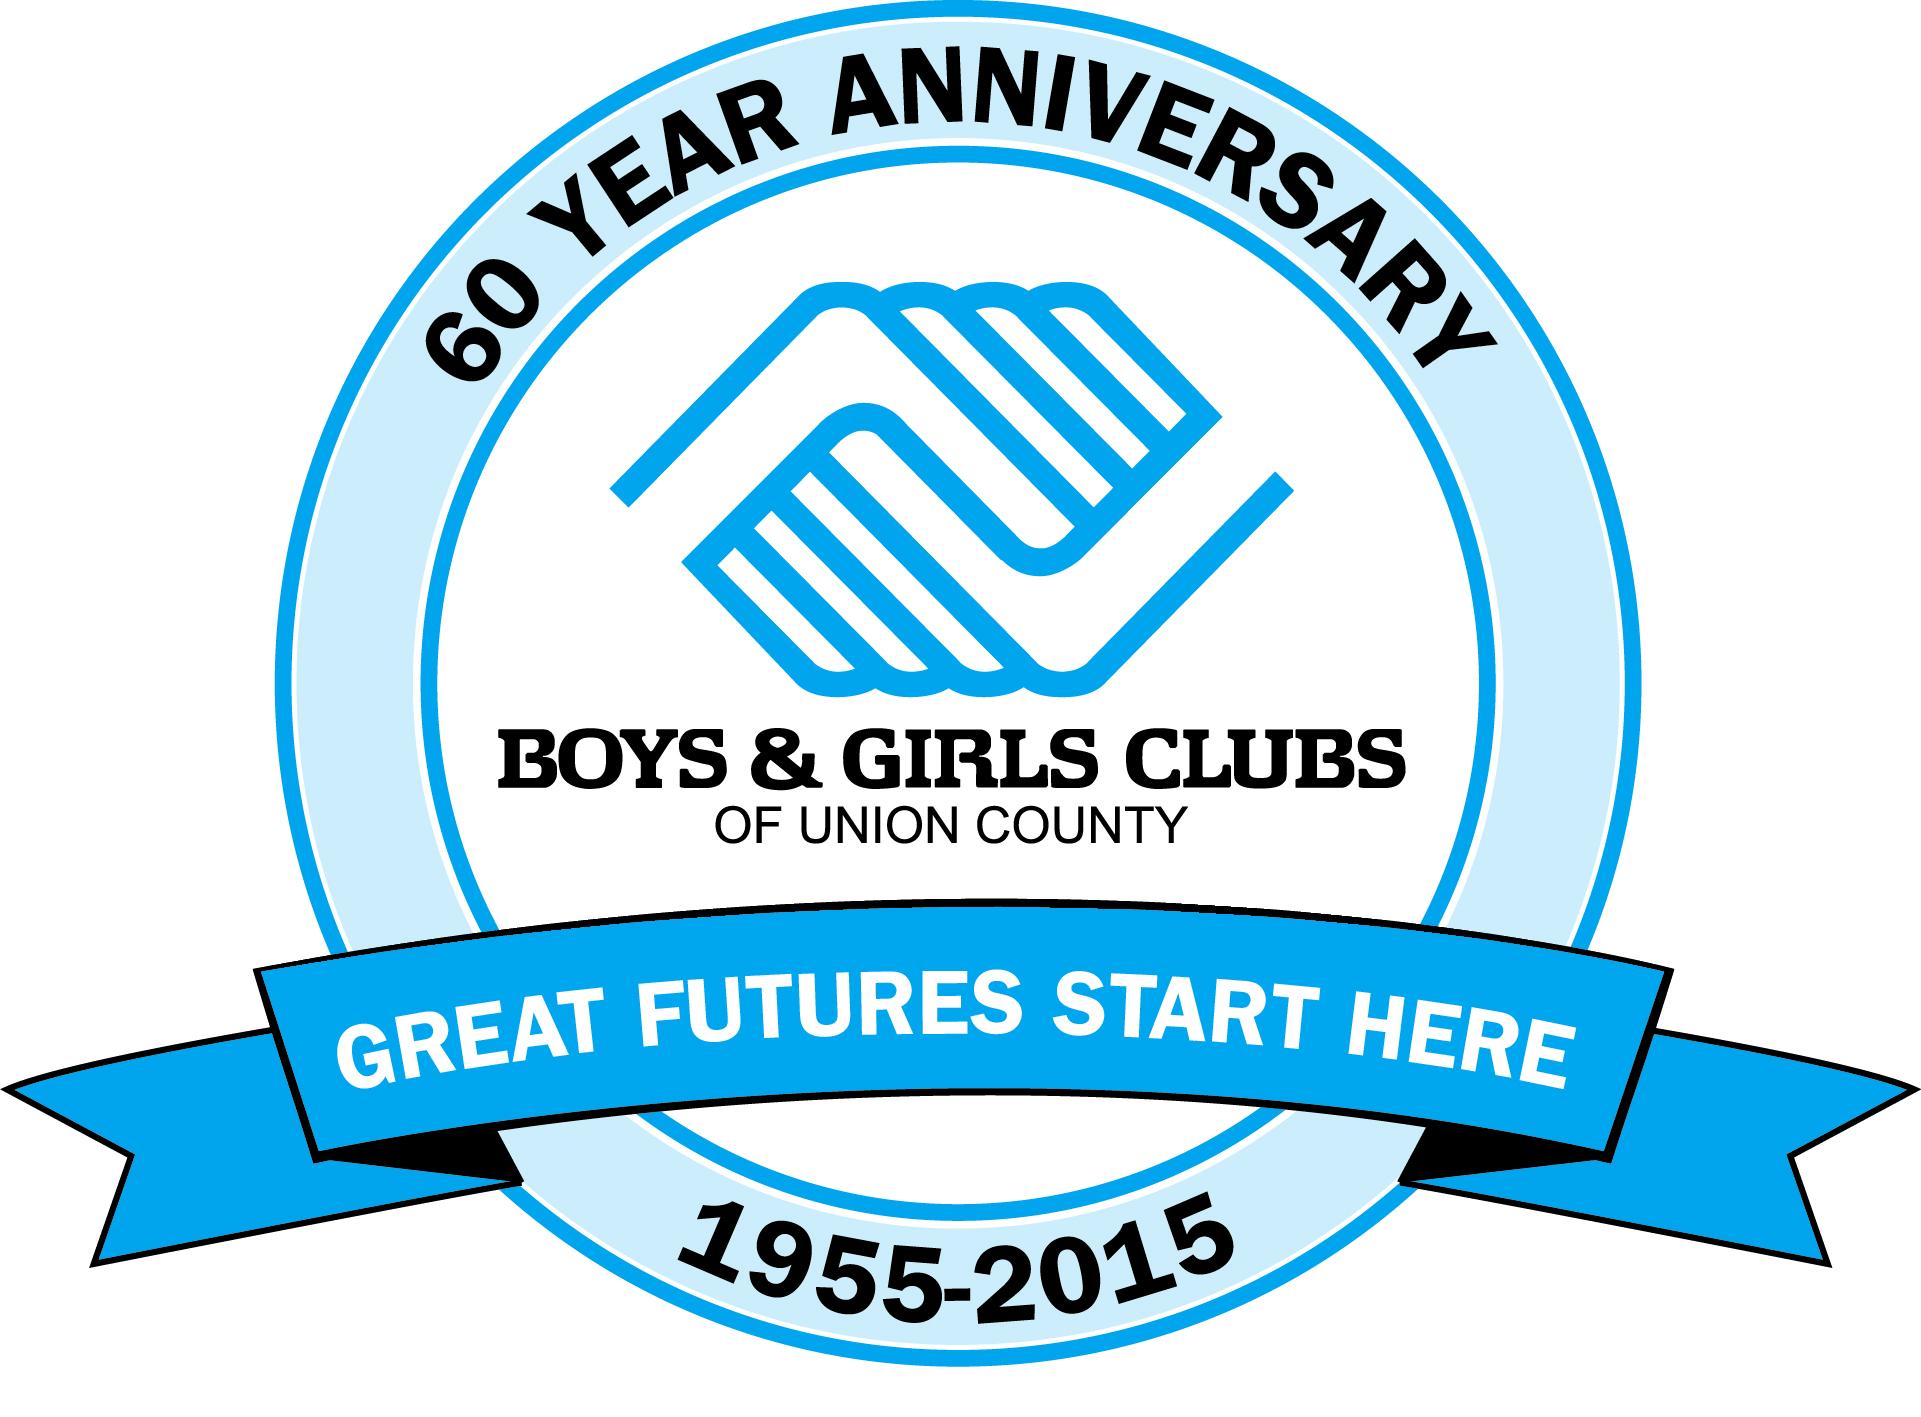 1163deb2773e04ec8898_Boys__Girls_Club_60th_Anniversary_logo.jpg